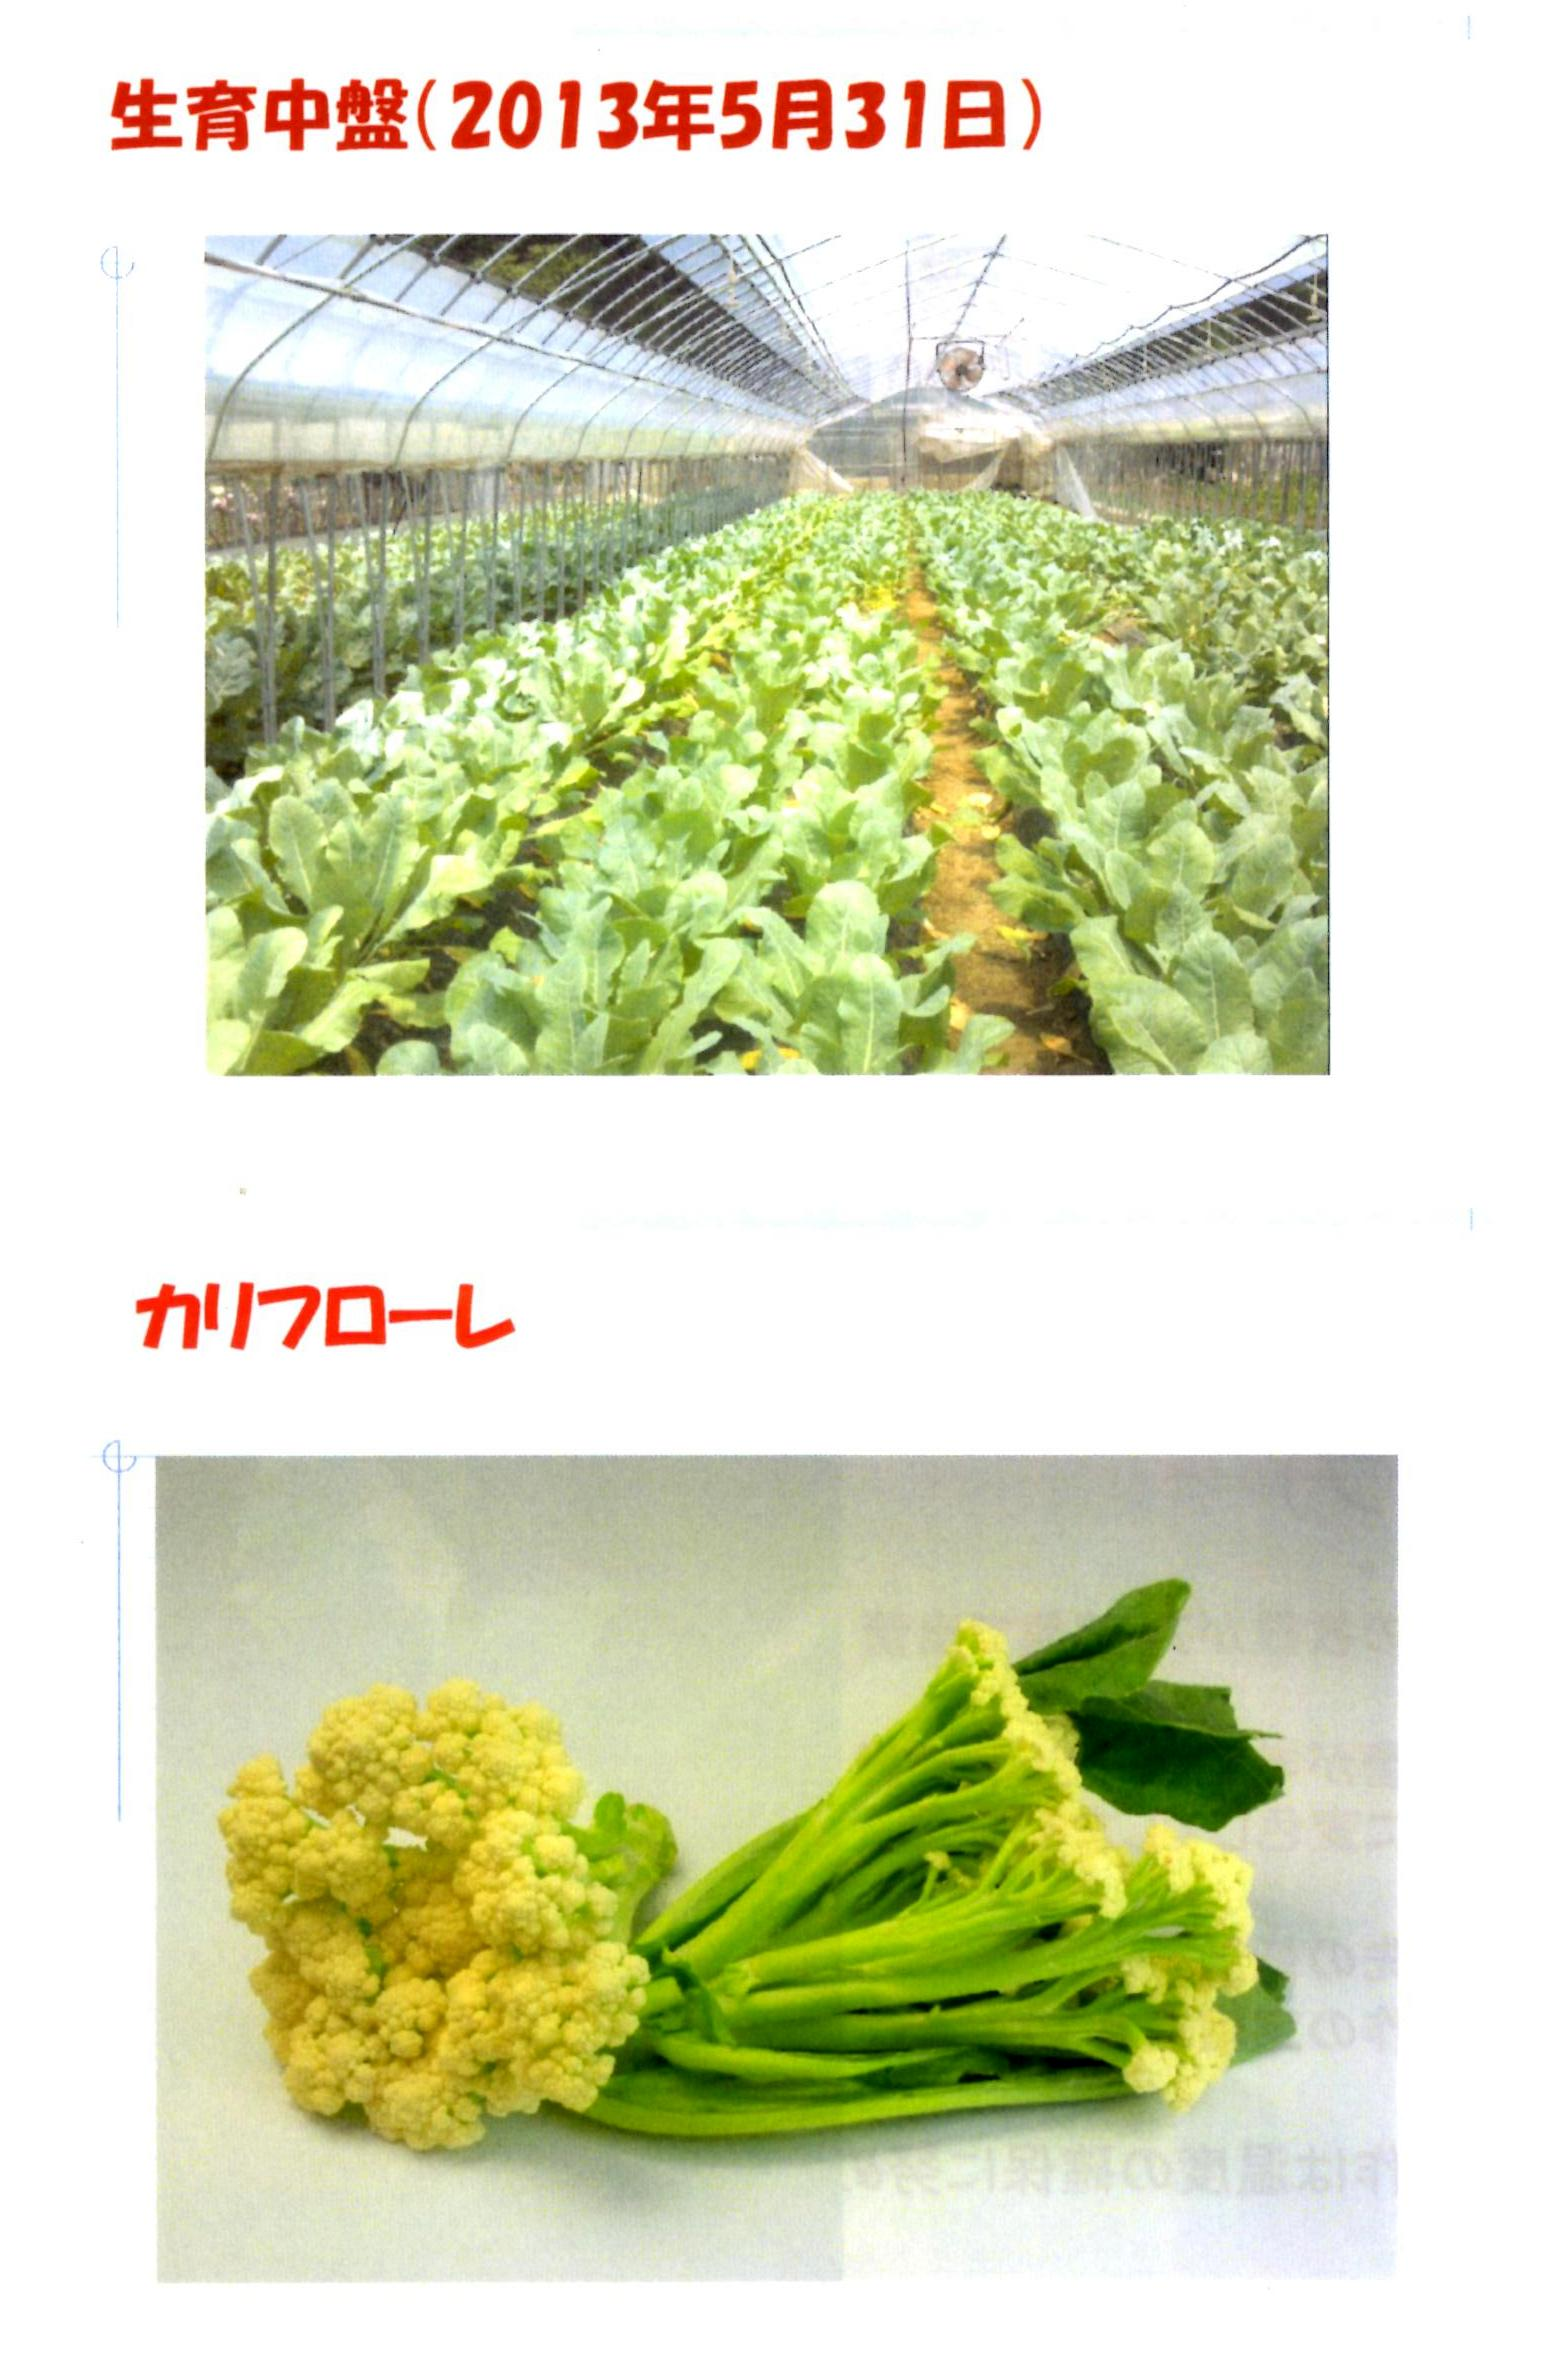 karifu-deta7.jpg